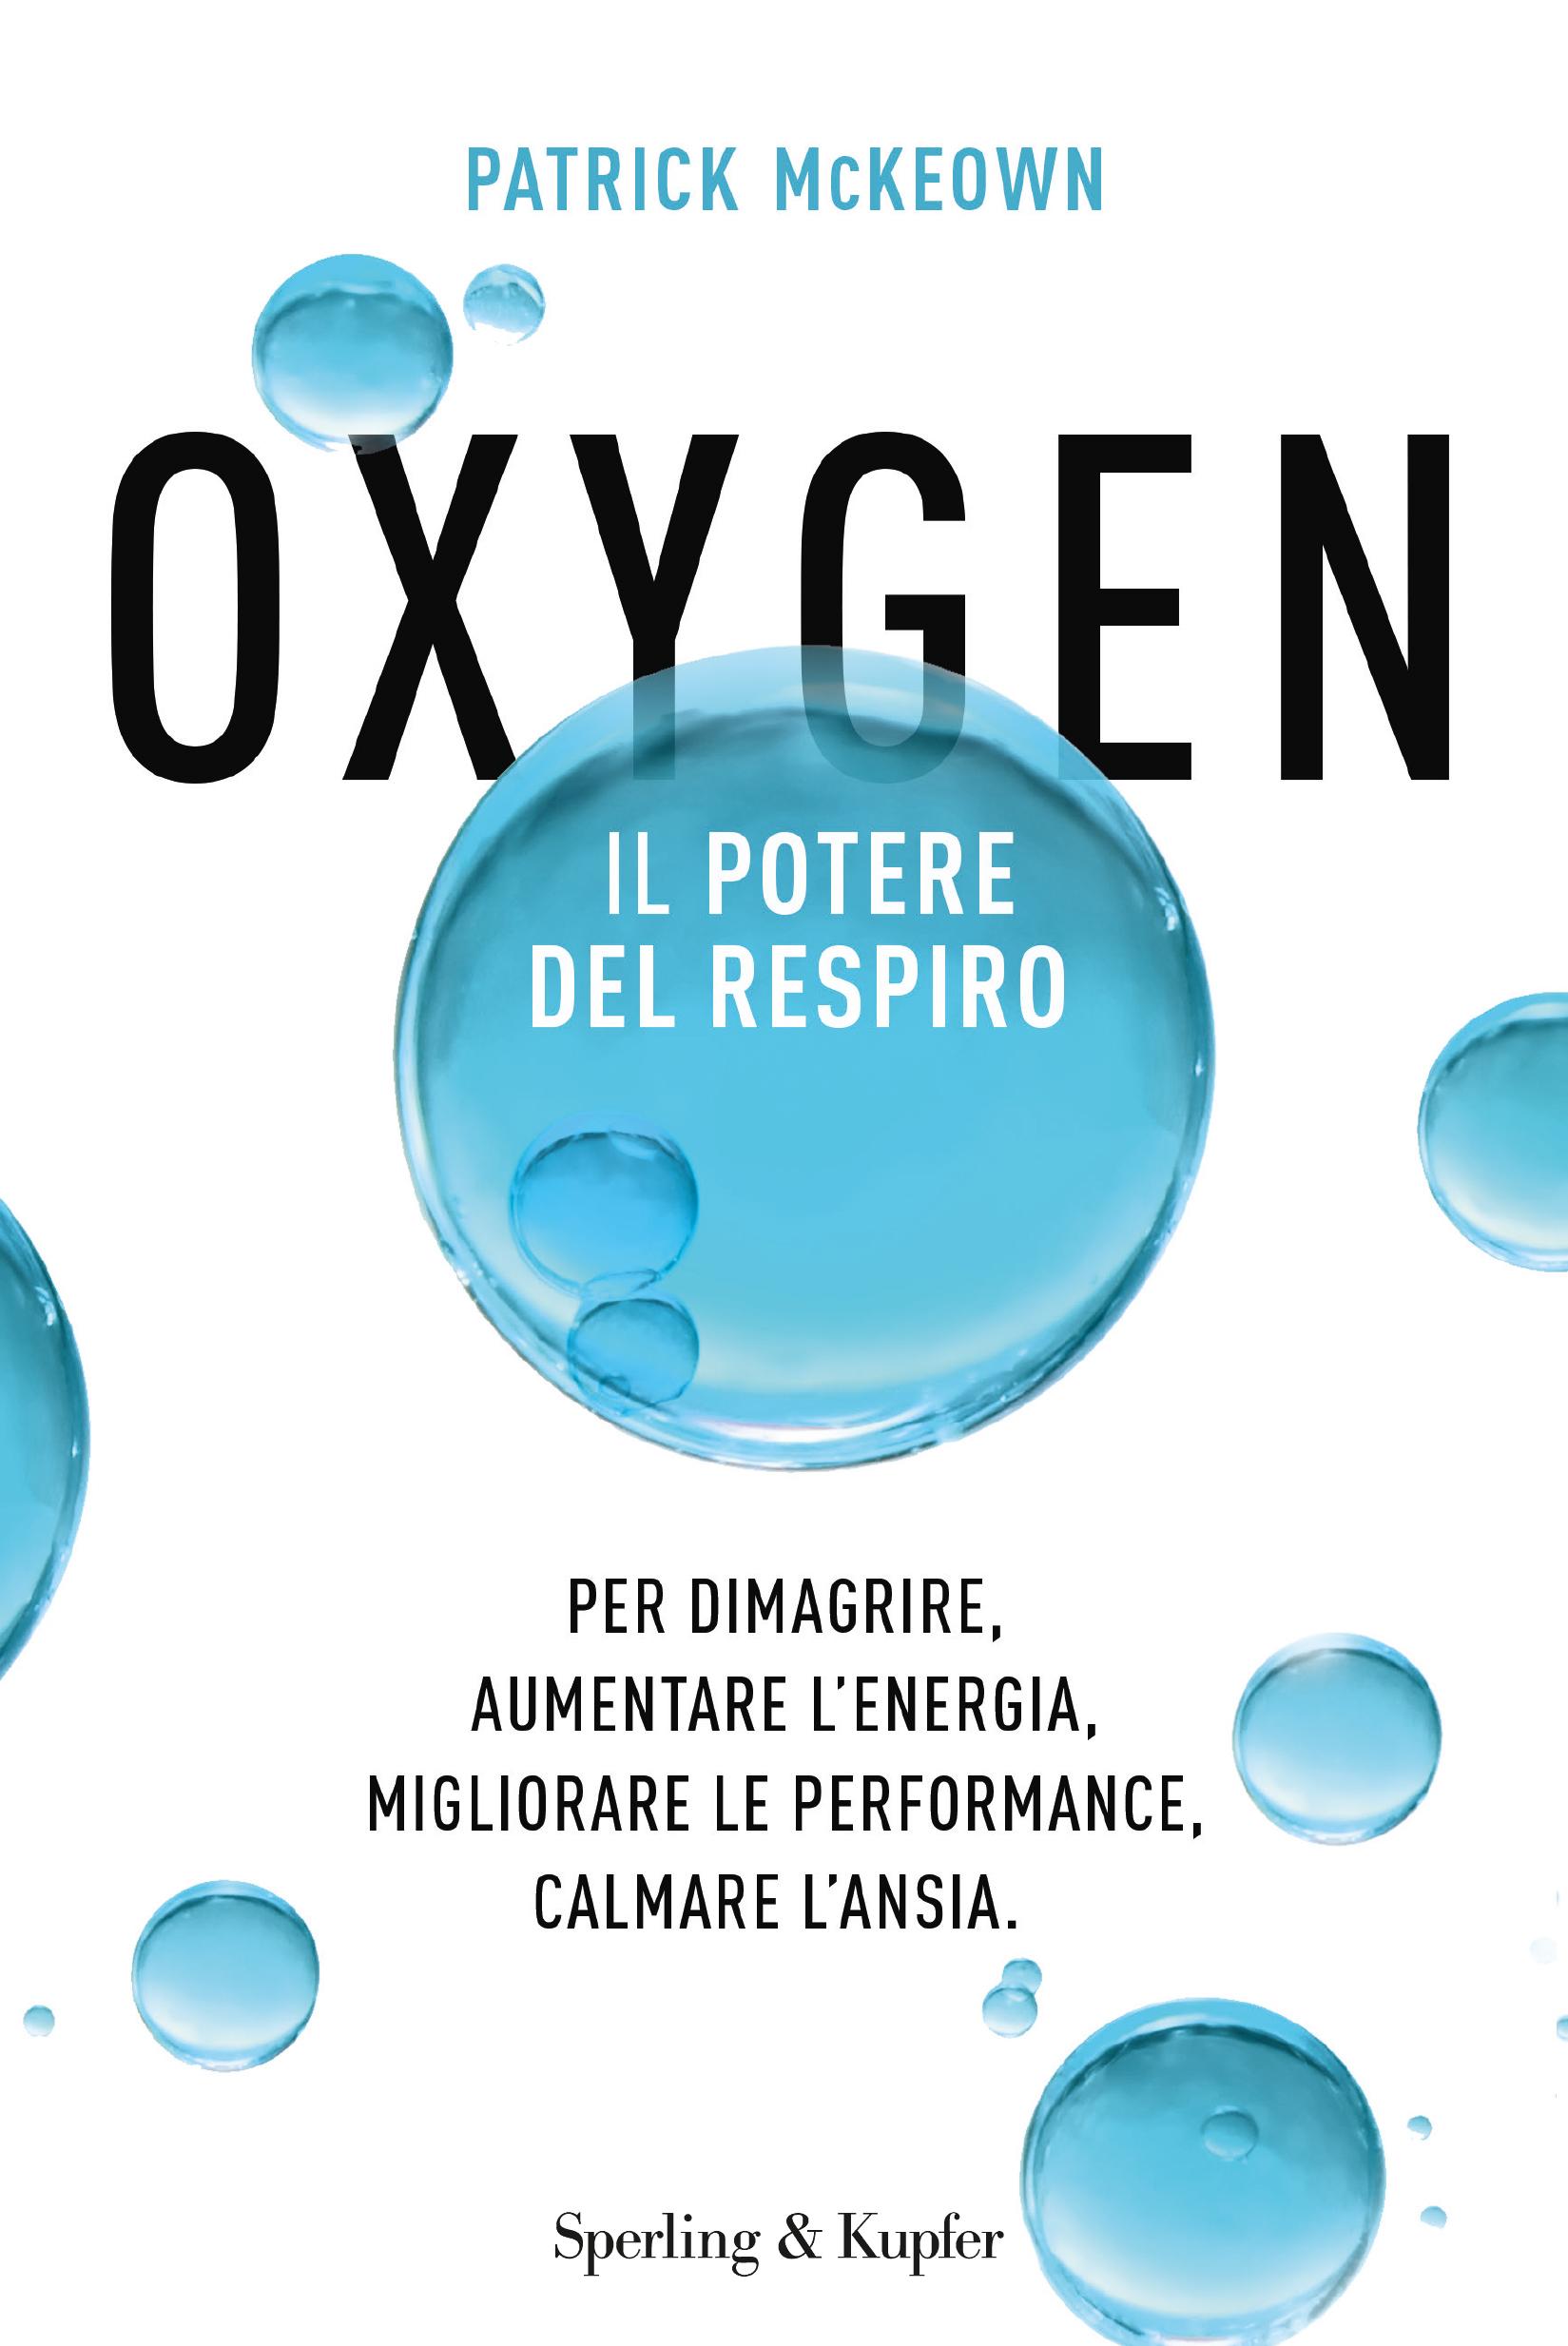 OXYGEN Il potere del respiro